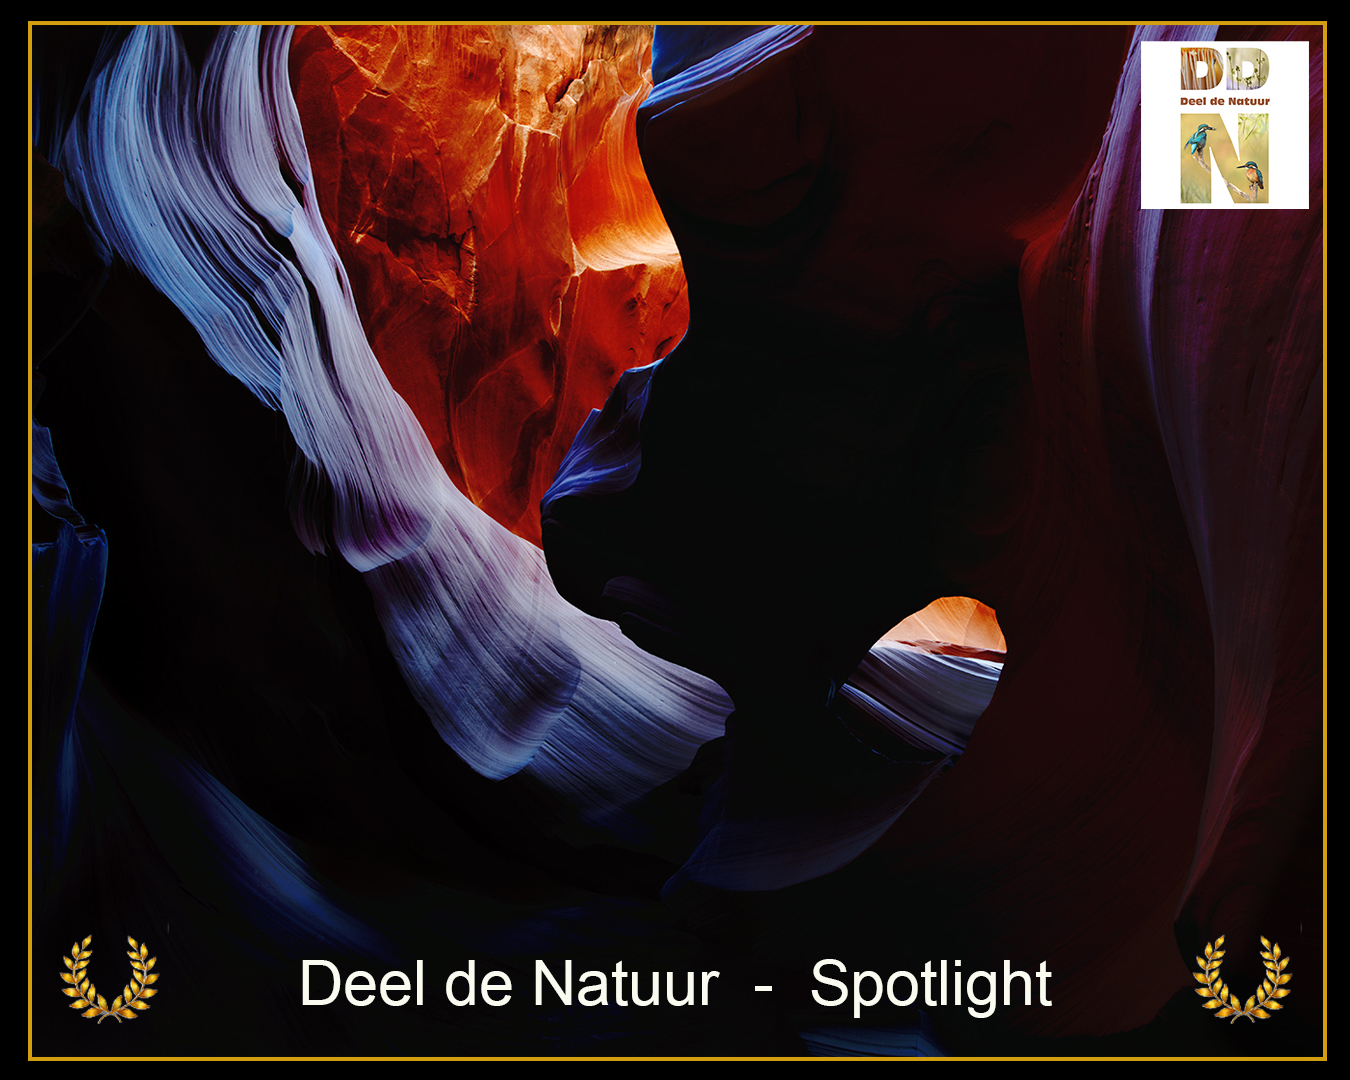 DDN Spotlight FB 18-08-2021